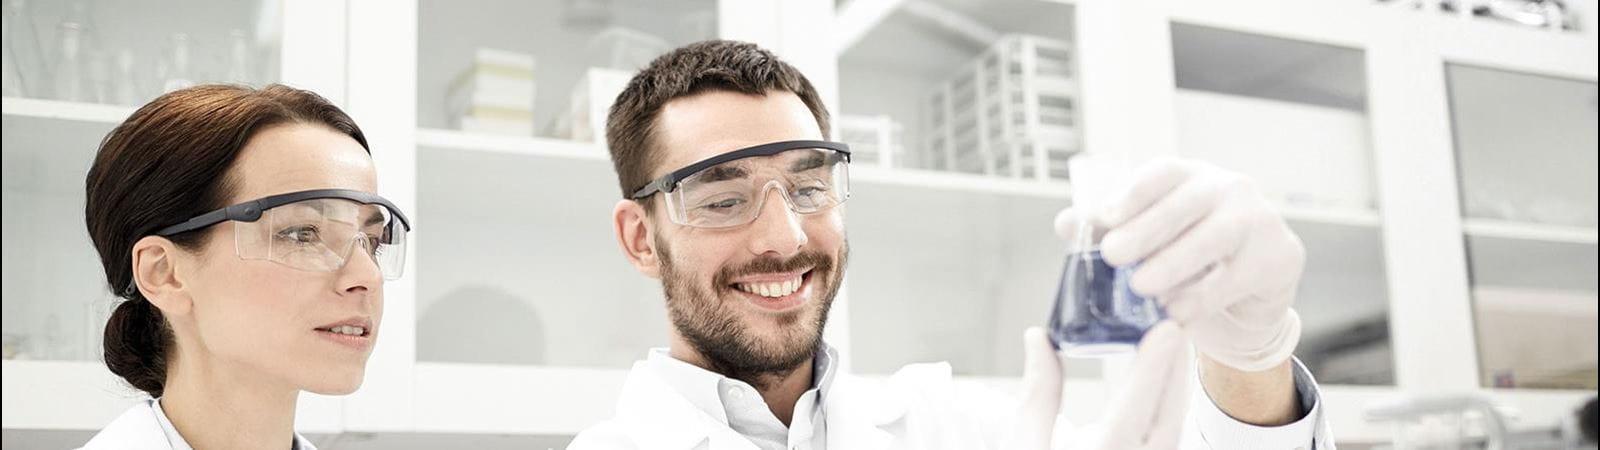 Mann und Frau in Labor betrachten Fläschchen.